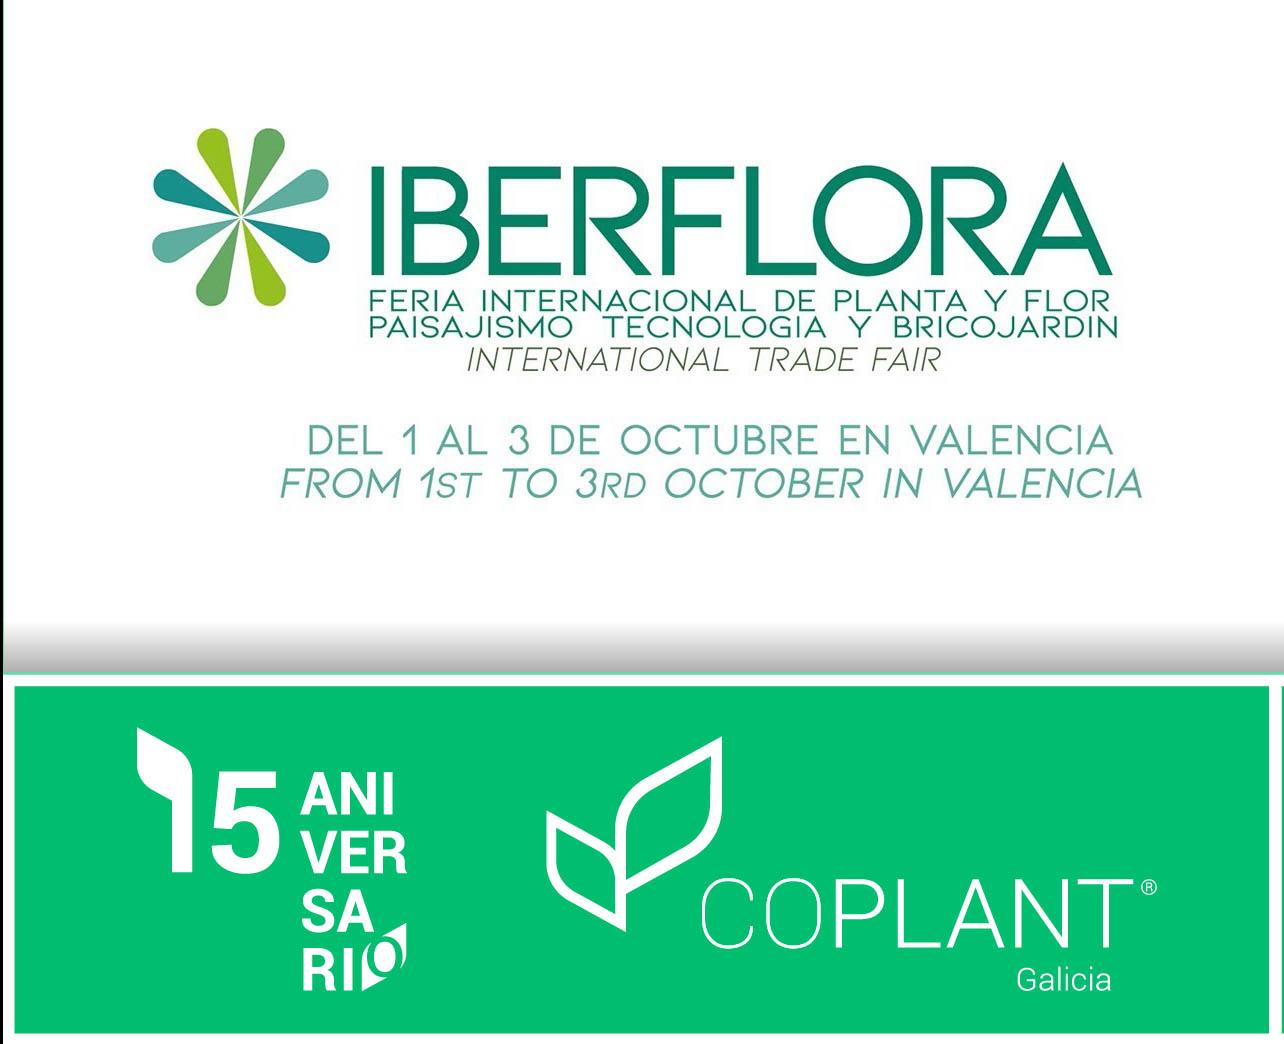 Coplant estará en Iberflora 2019  con el stand más grande de toda Galicia